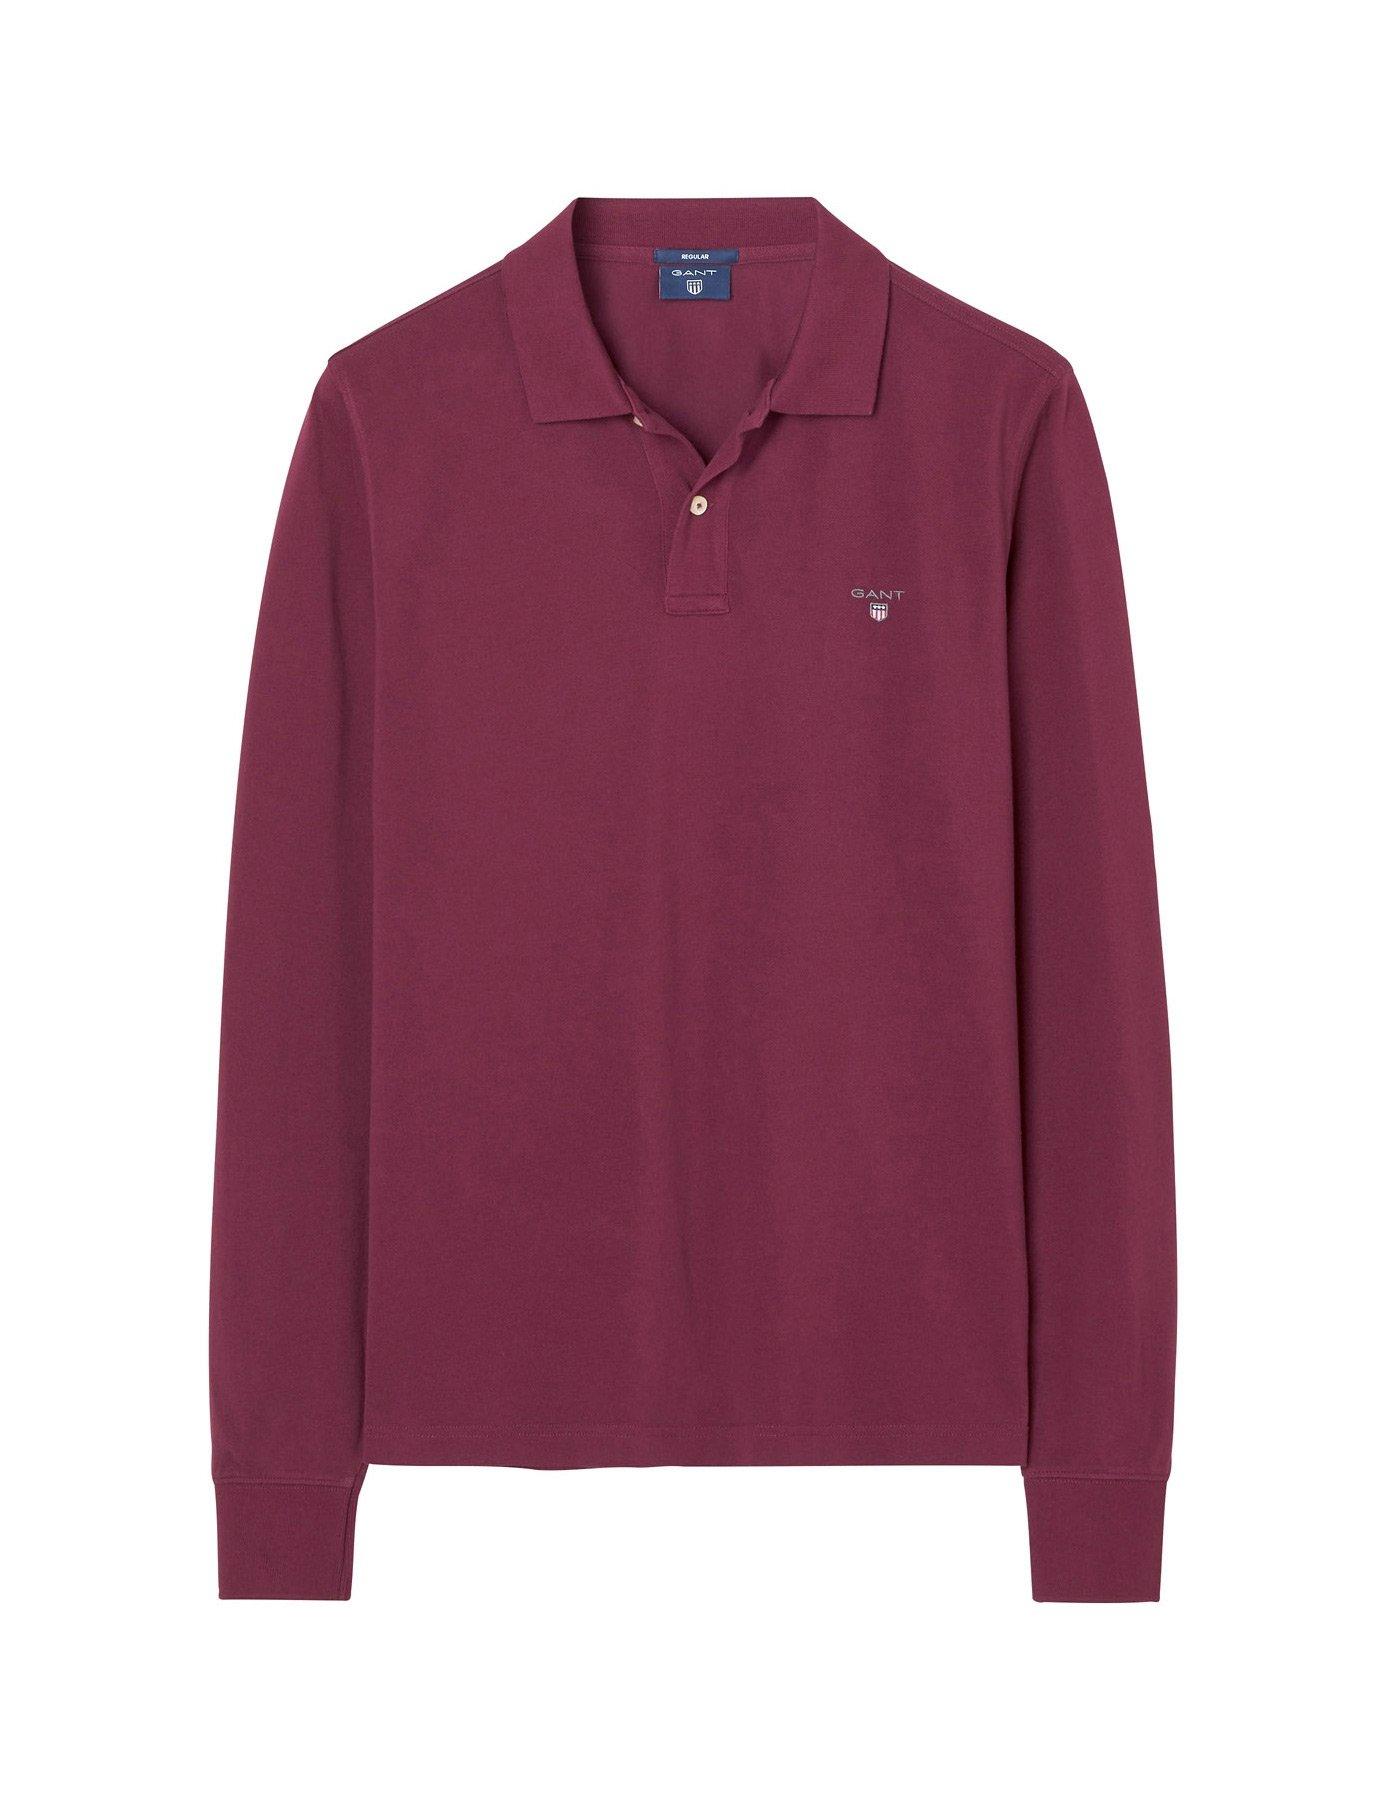 Gant Men's Men's Burgundy Long Sleeve Polo in Size XXL Red